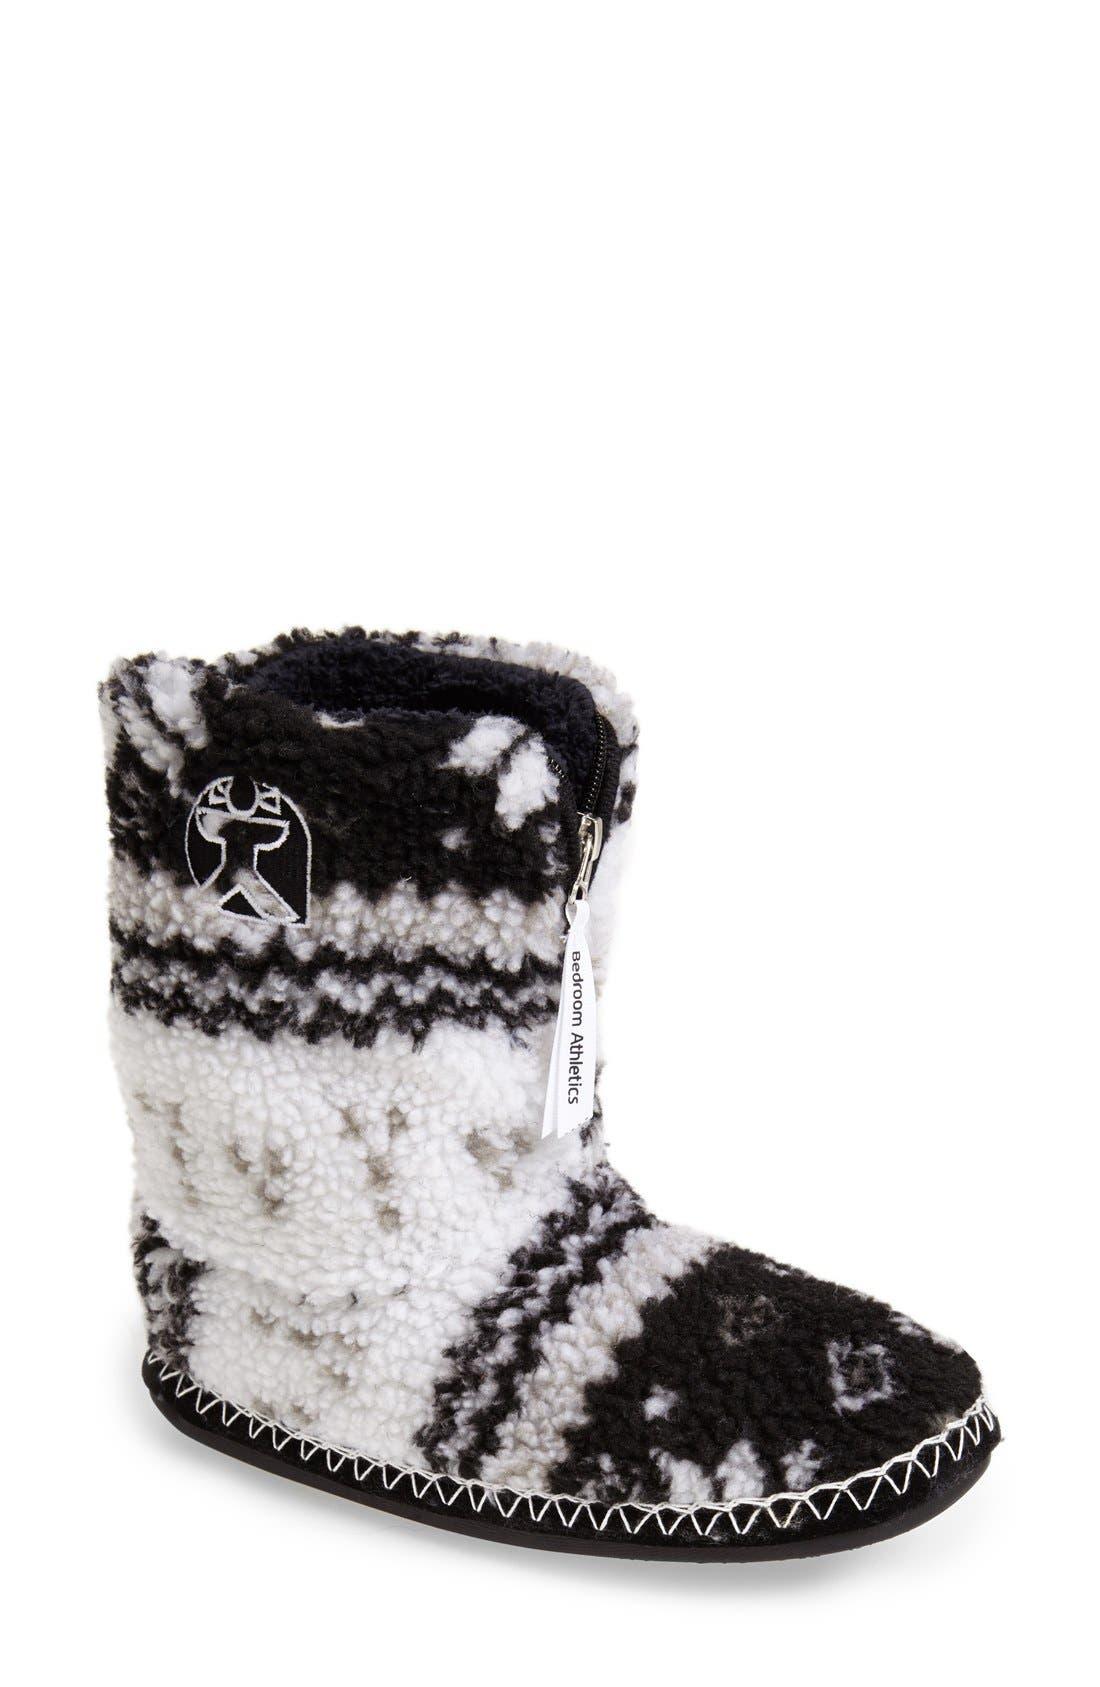 'Jessica' Slipper Boot,                         Main,                         color, 009